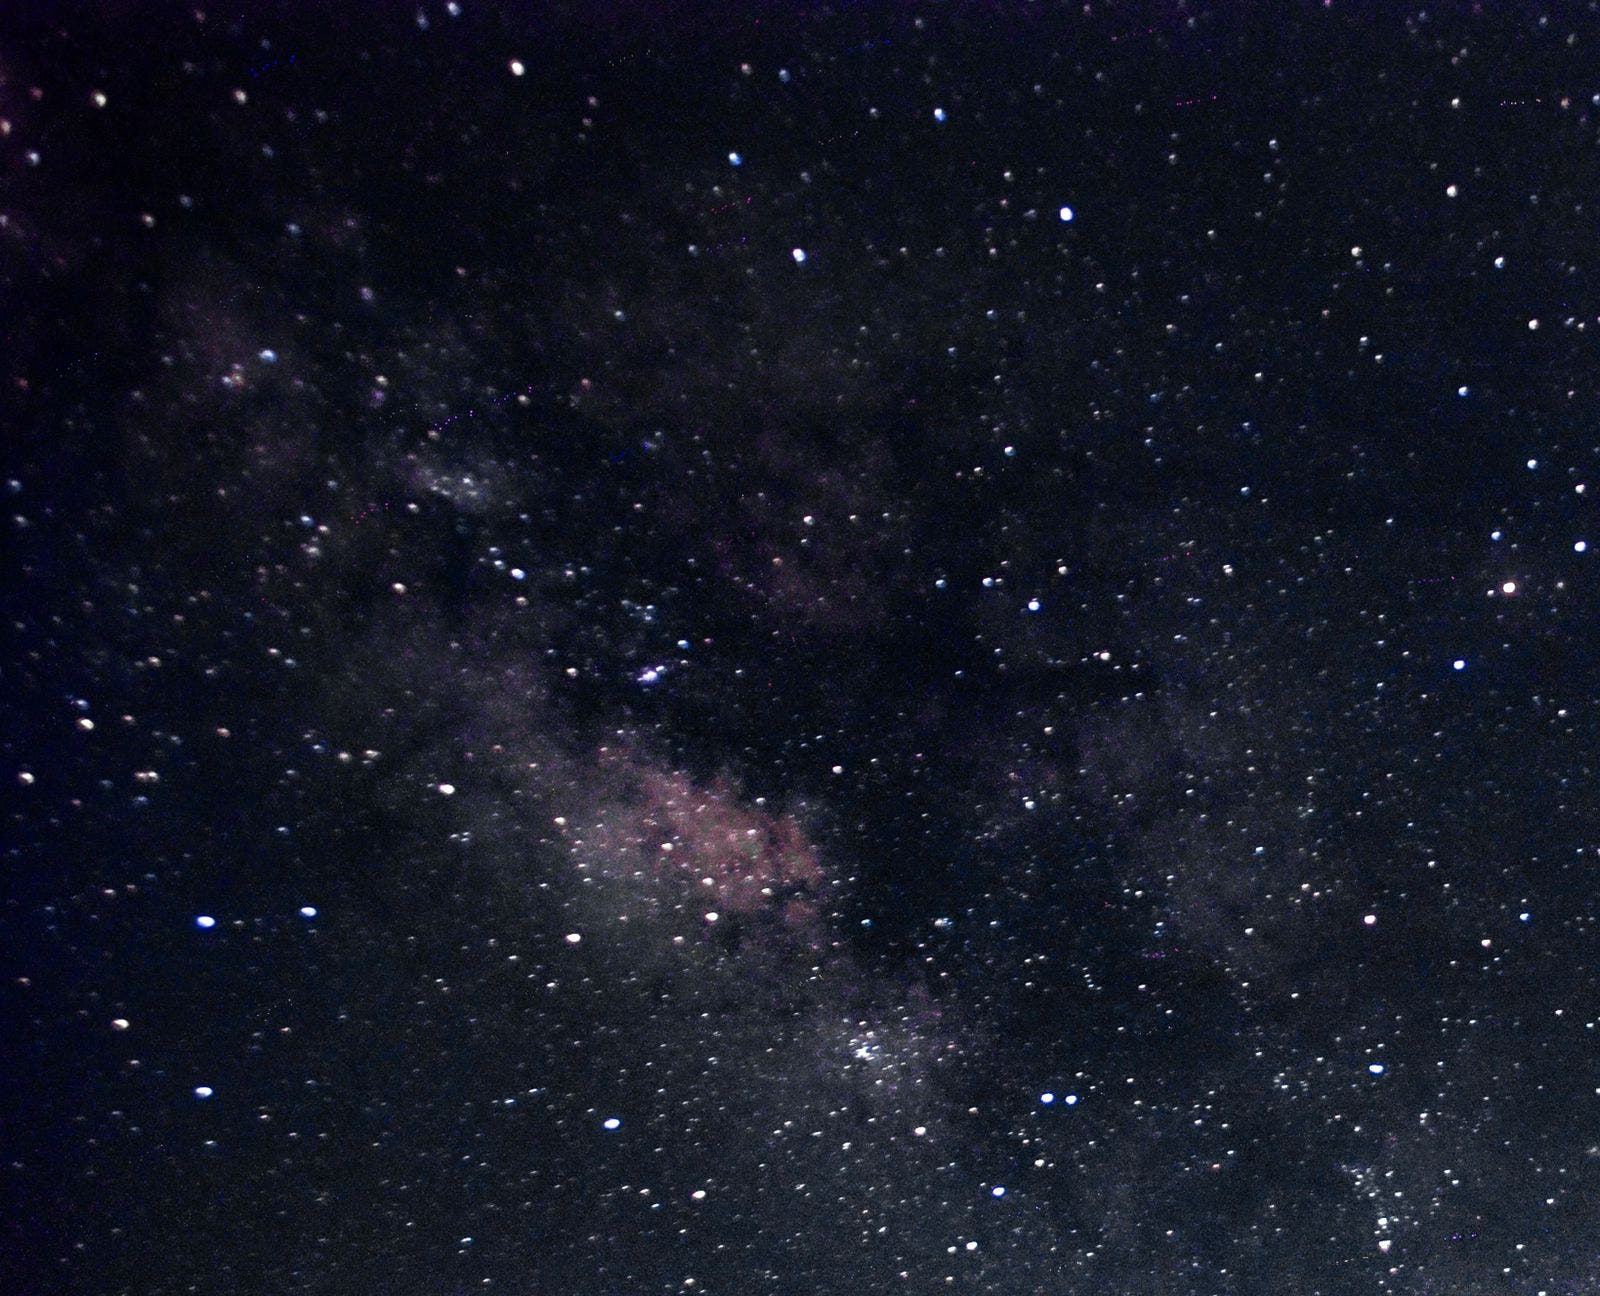 المجموعة الفلكية